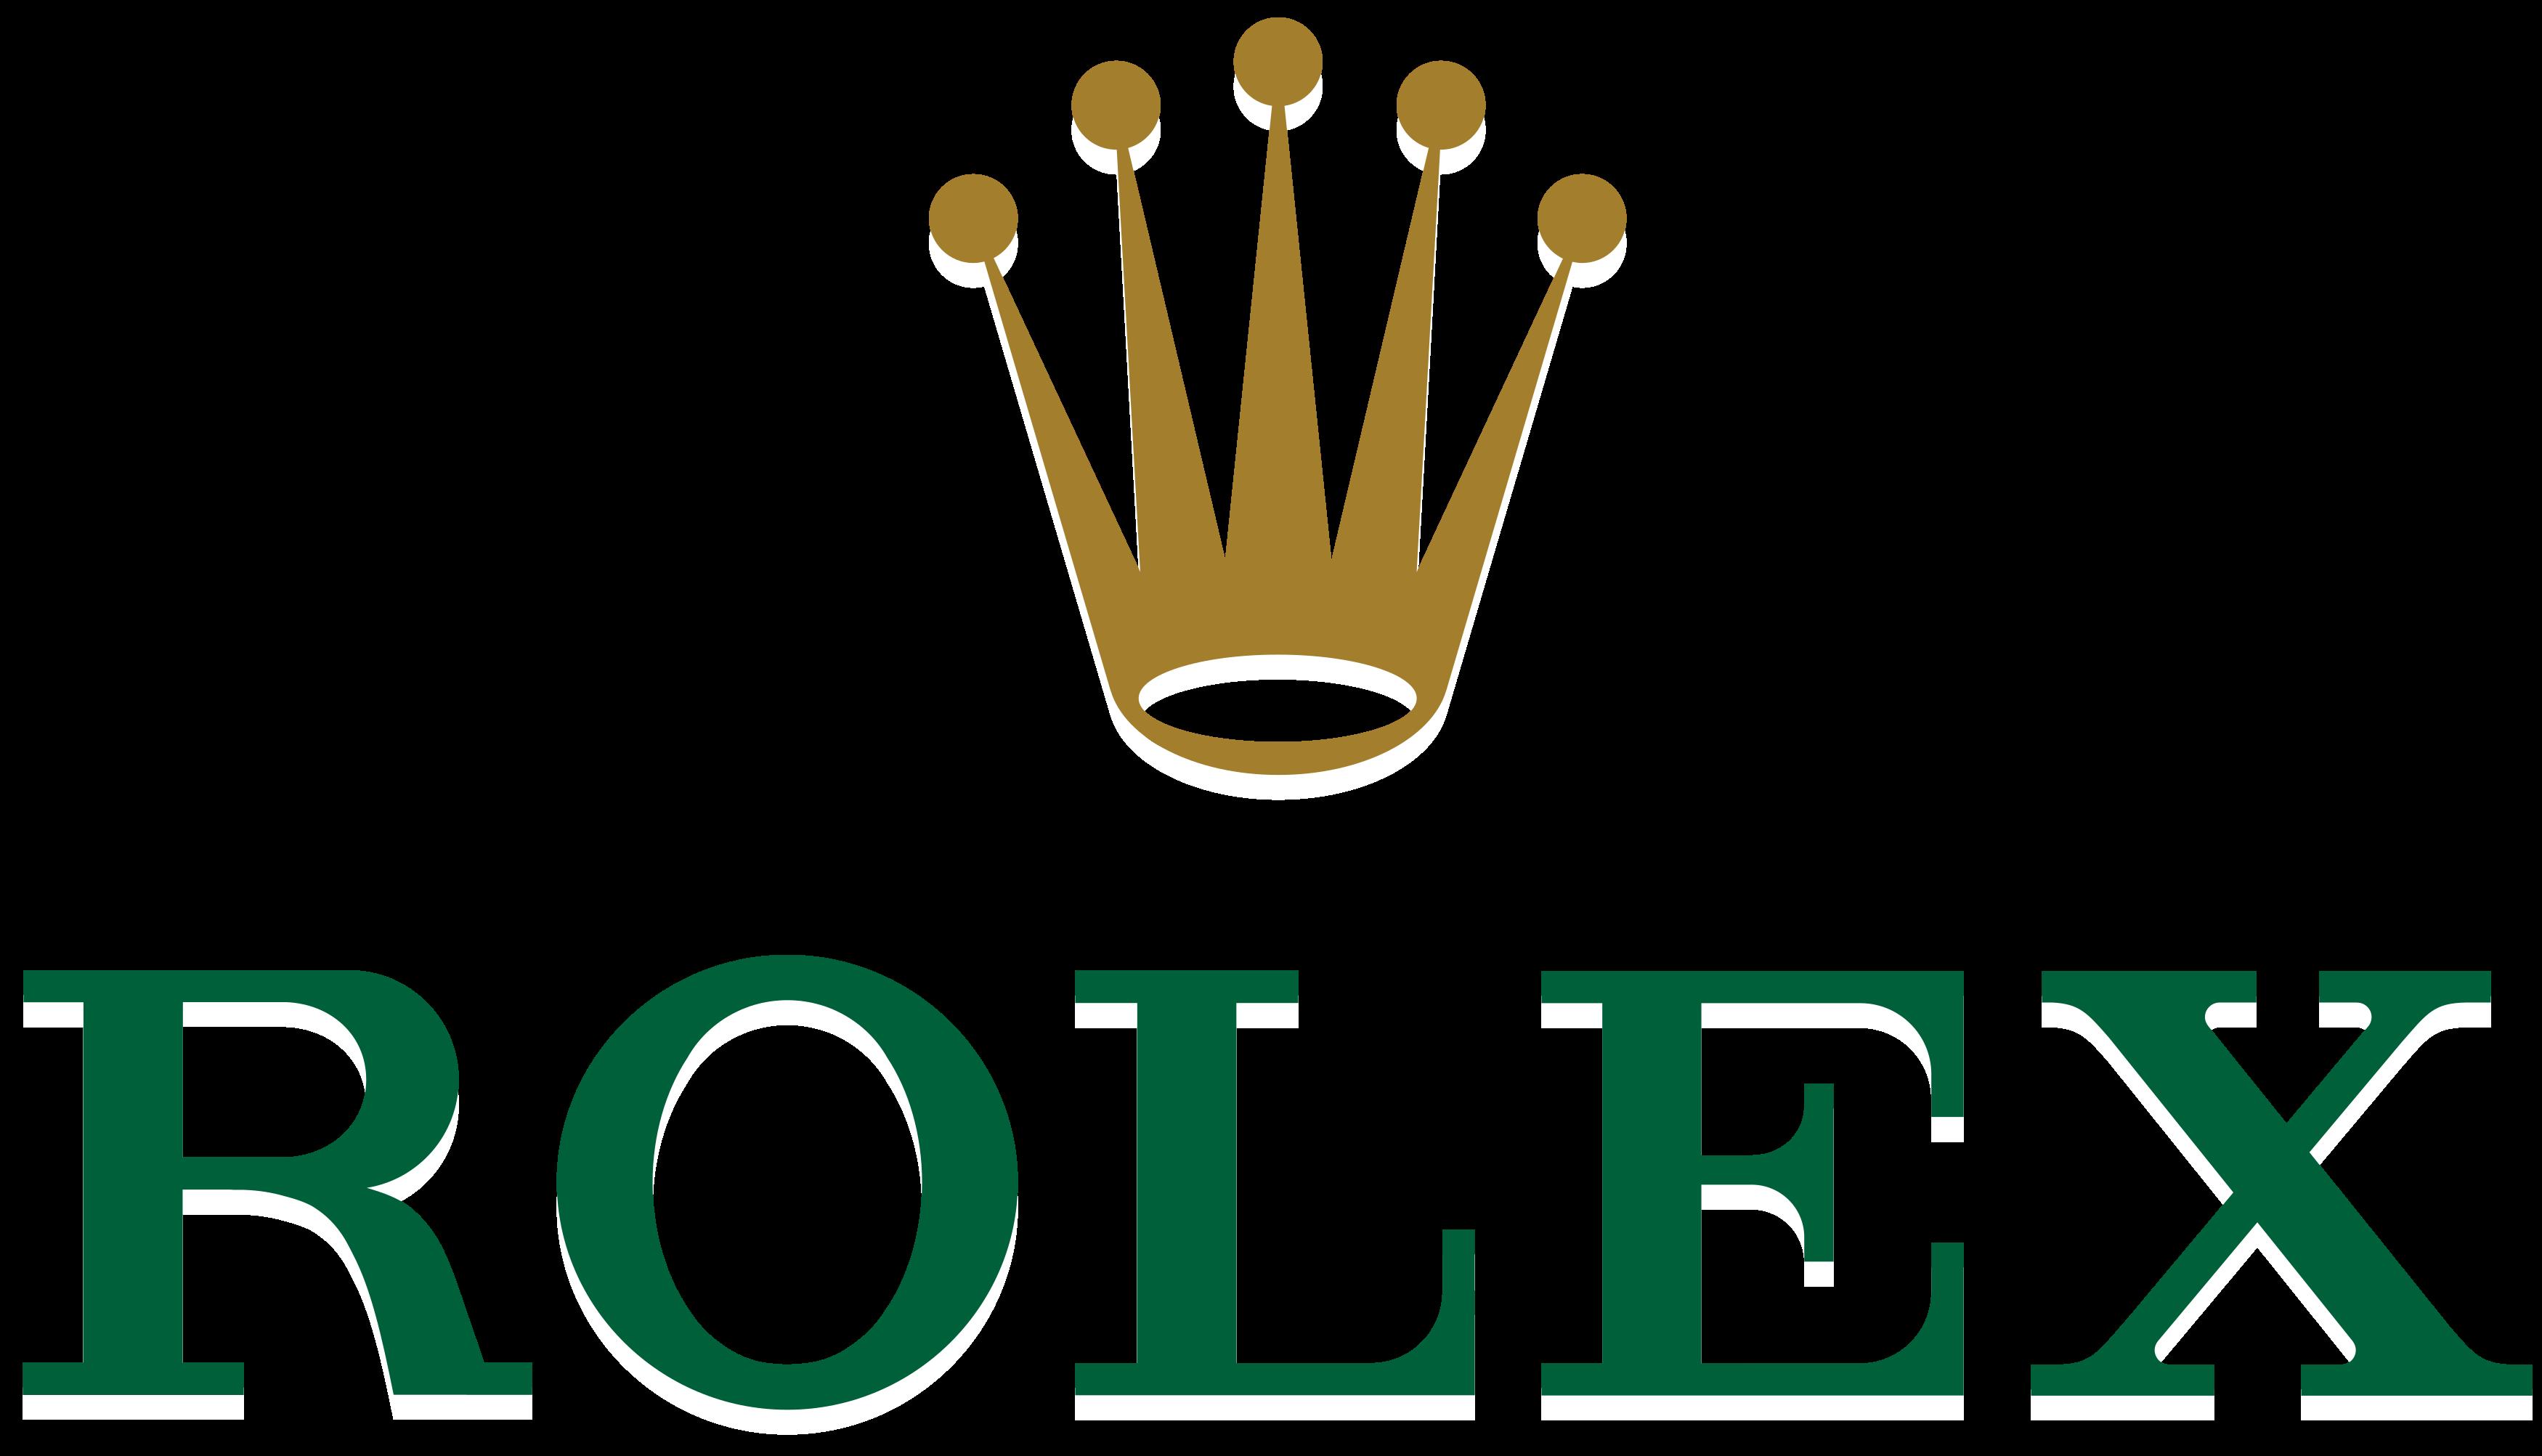 rolex logo - Rolex Logo